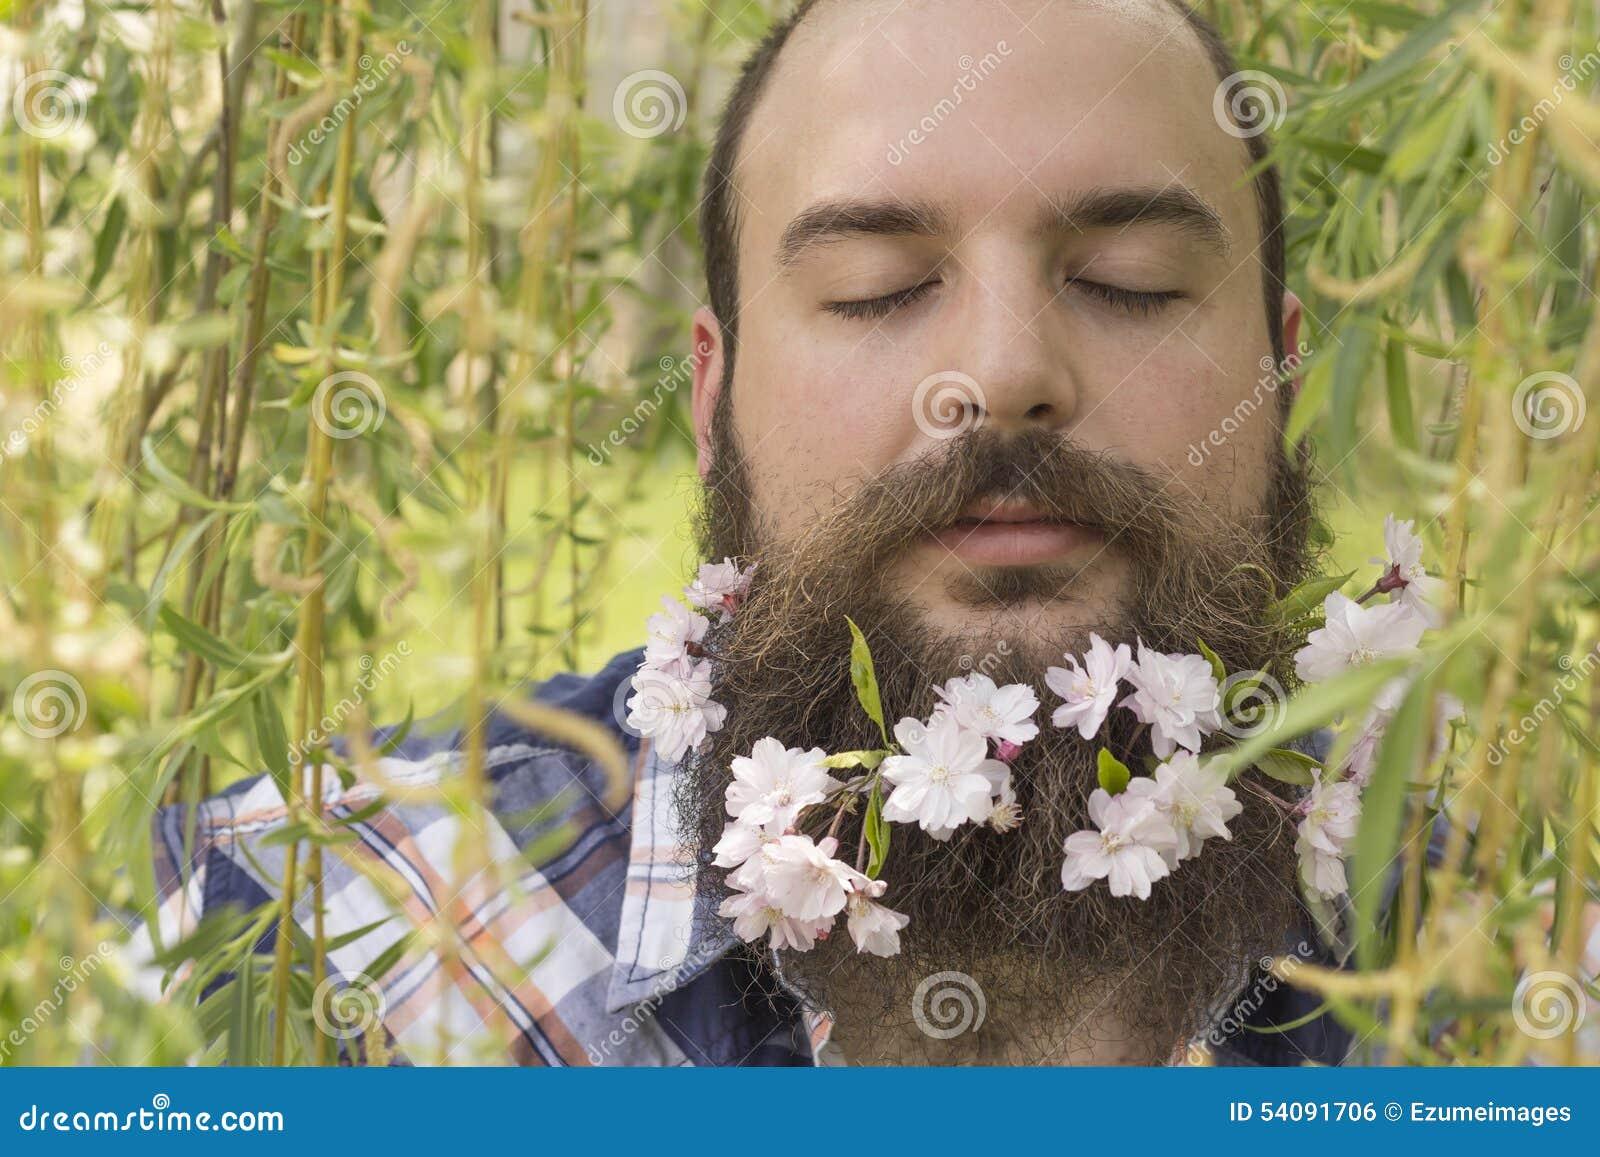 Bloemen Gebaarde Mens